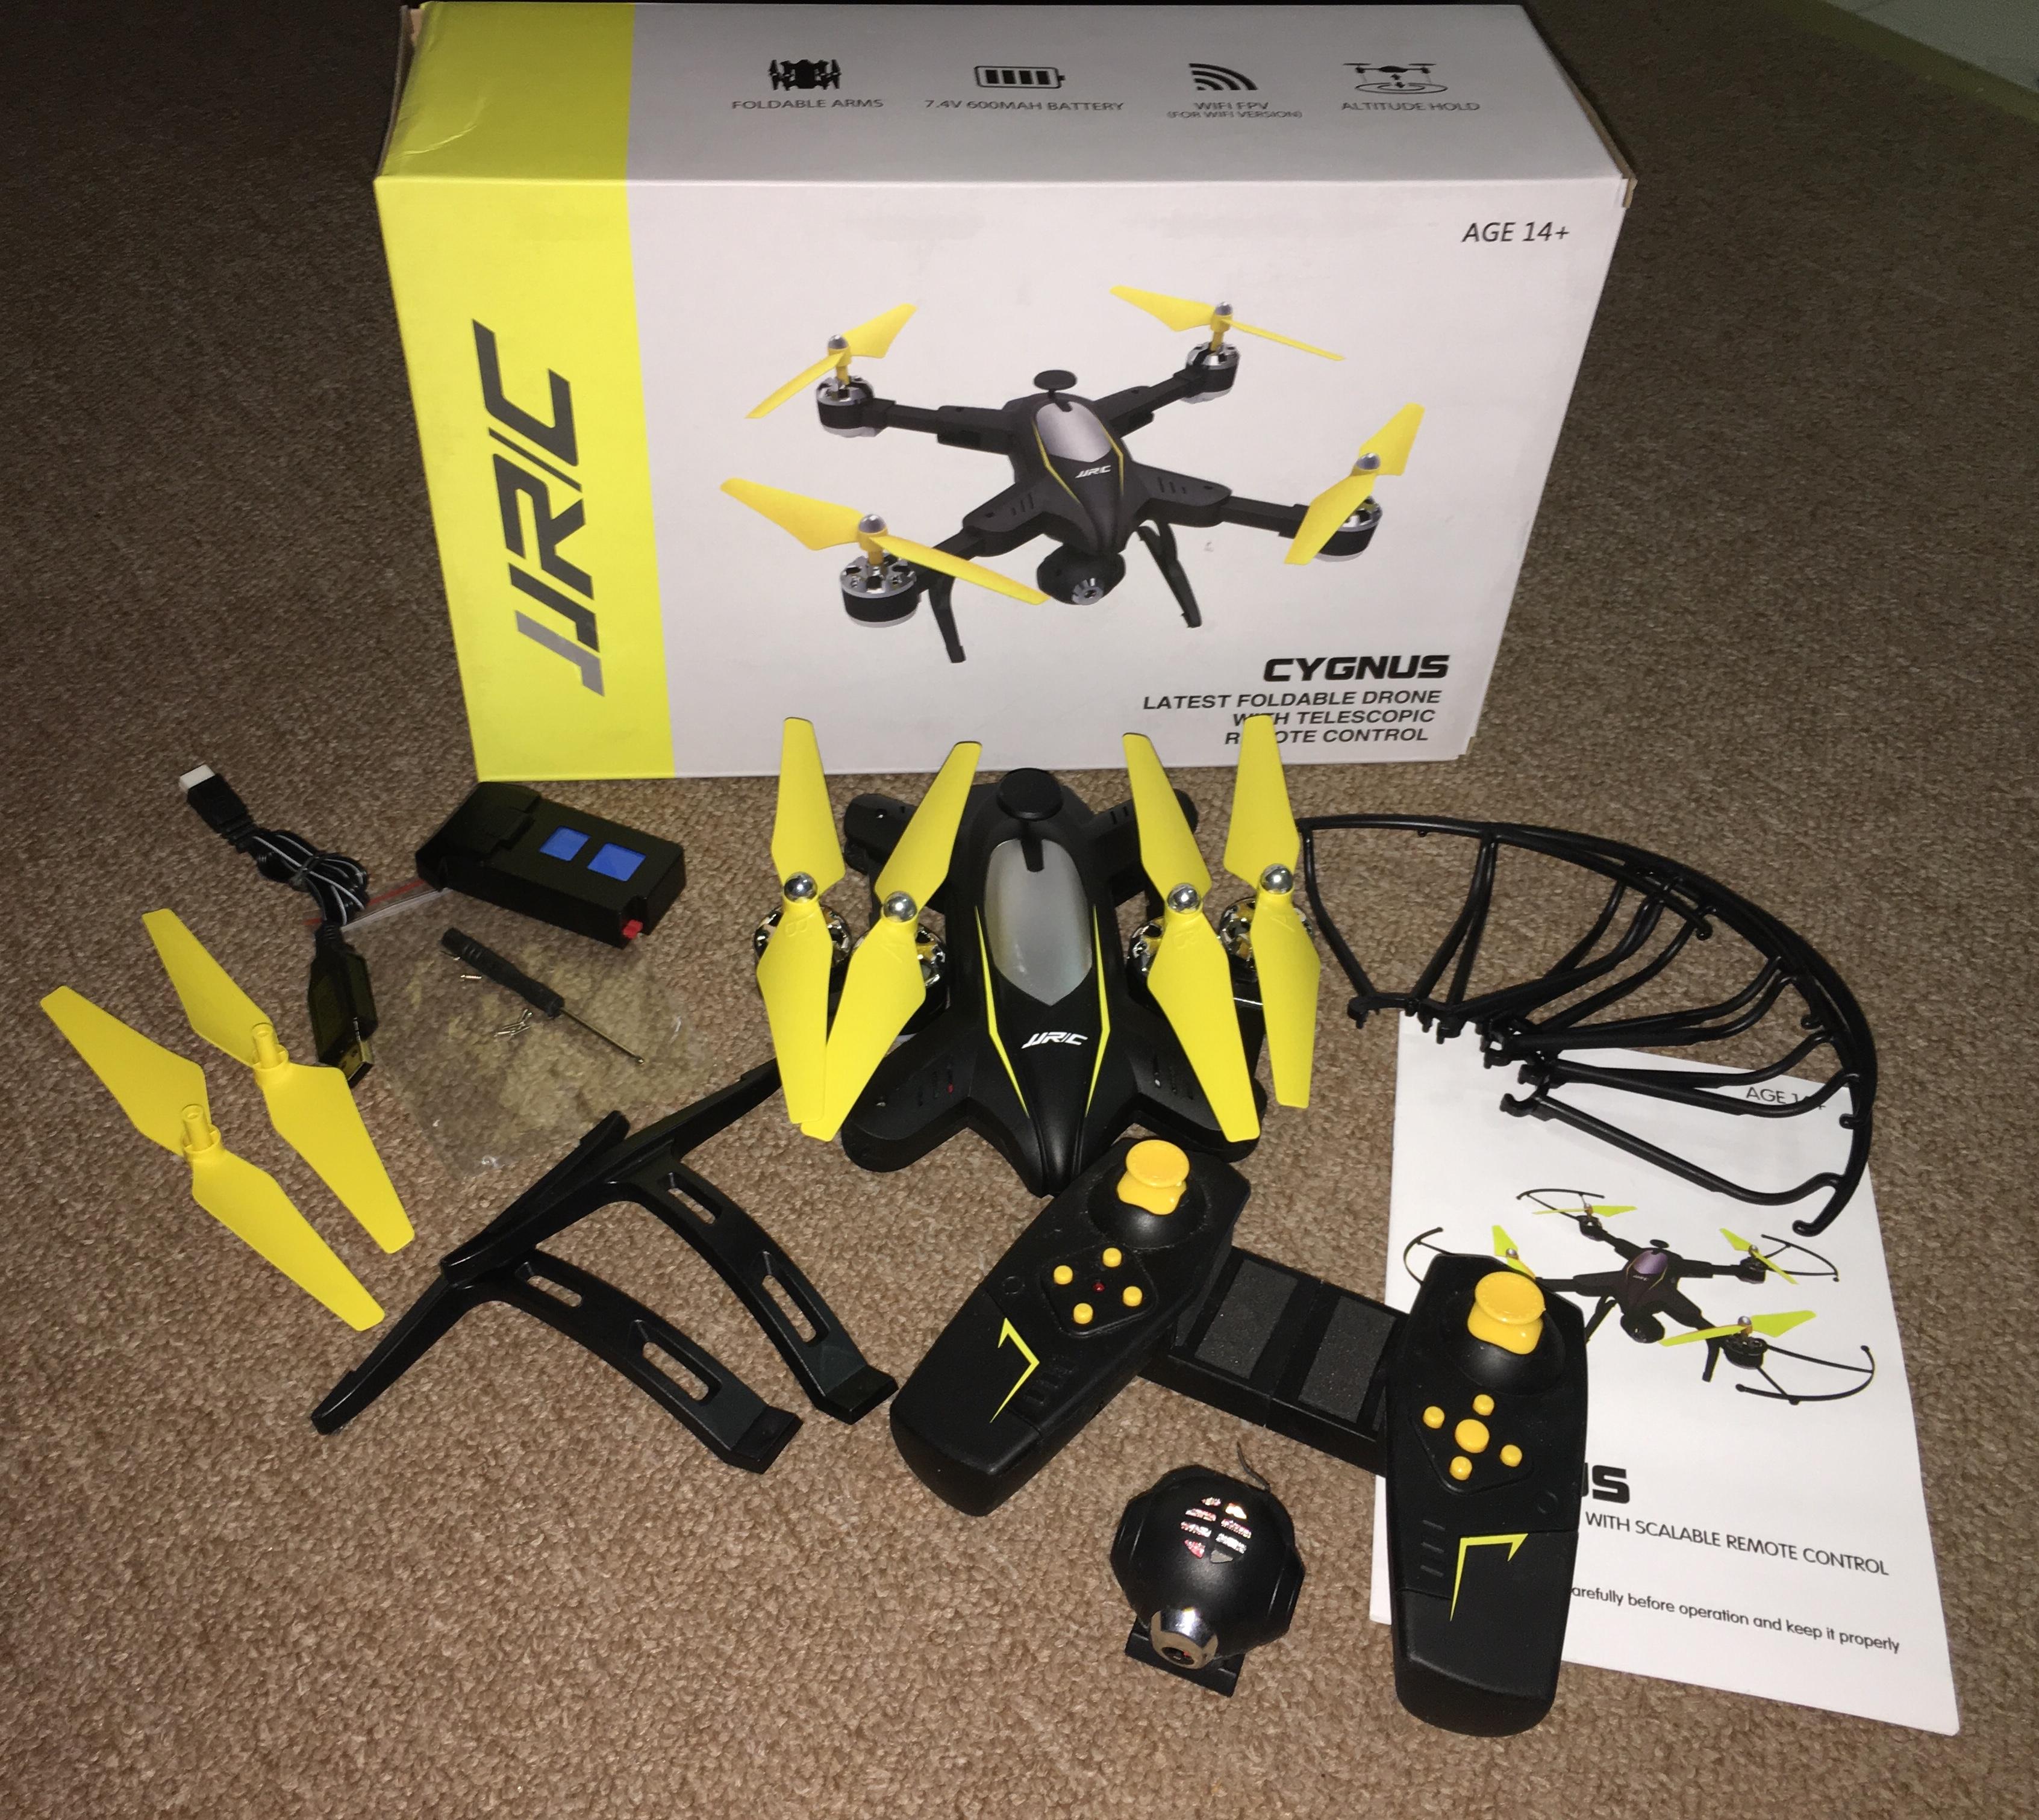 Decent RC drone